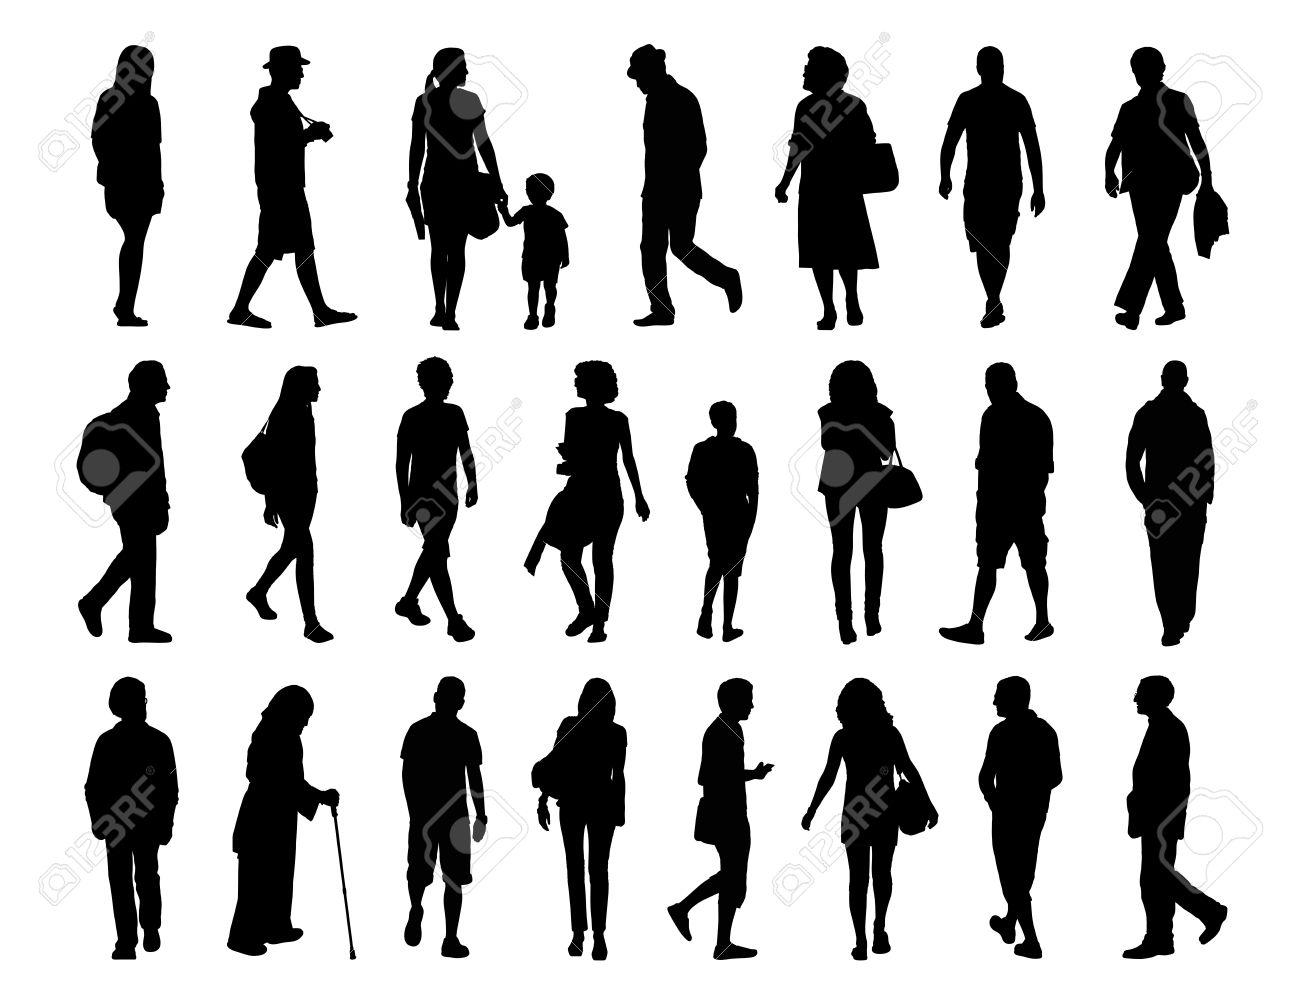 Sagome Persone Nere.Grande Insieme Di Sagome Nere Di Uomini E Donne Di Diverse Eta Che Camminano Per La Strada Davanti Il Profilo E La Vista Posteriore